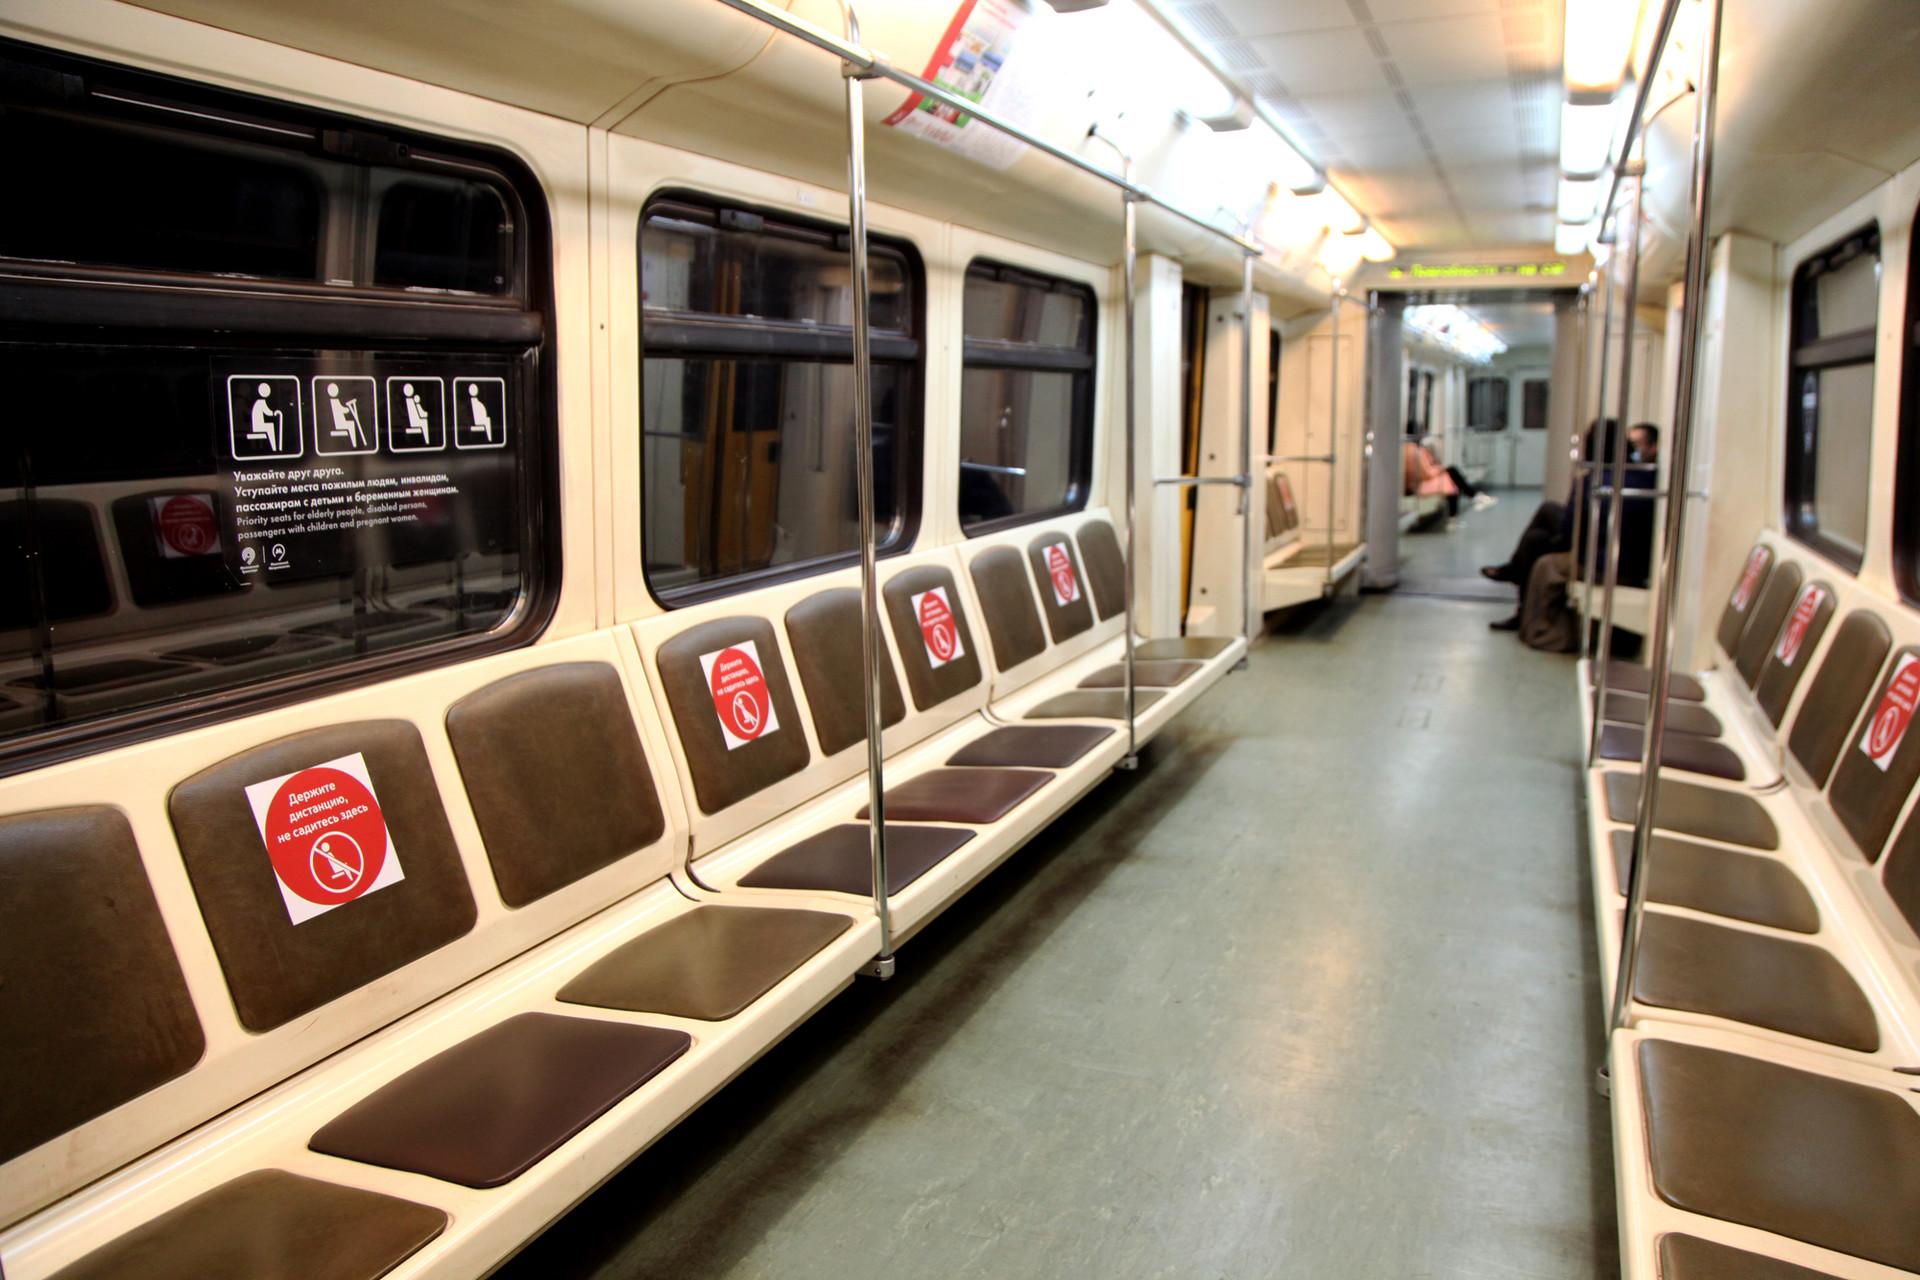 Suasana gerbong metro yang nyaris kosong. Beberapa gerbong bahkan terlihat tanpa penumpang sama sekali.